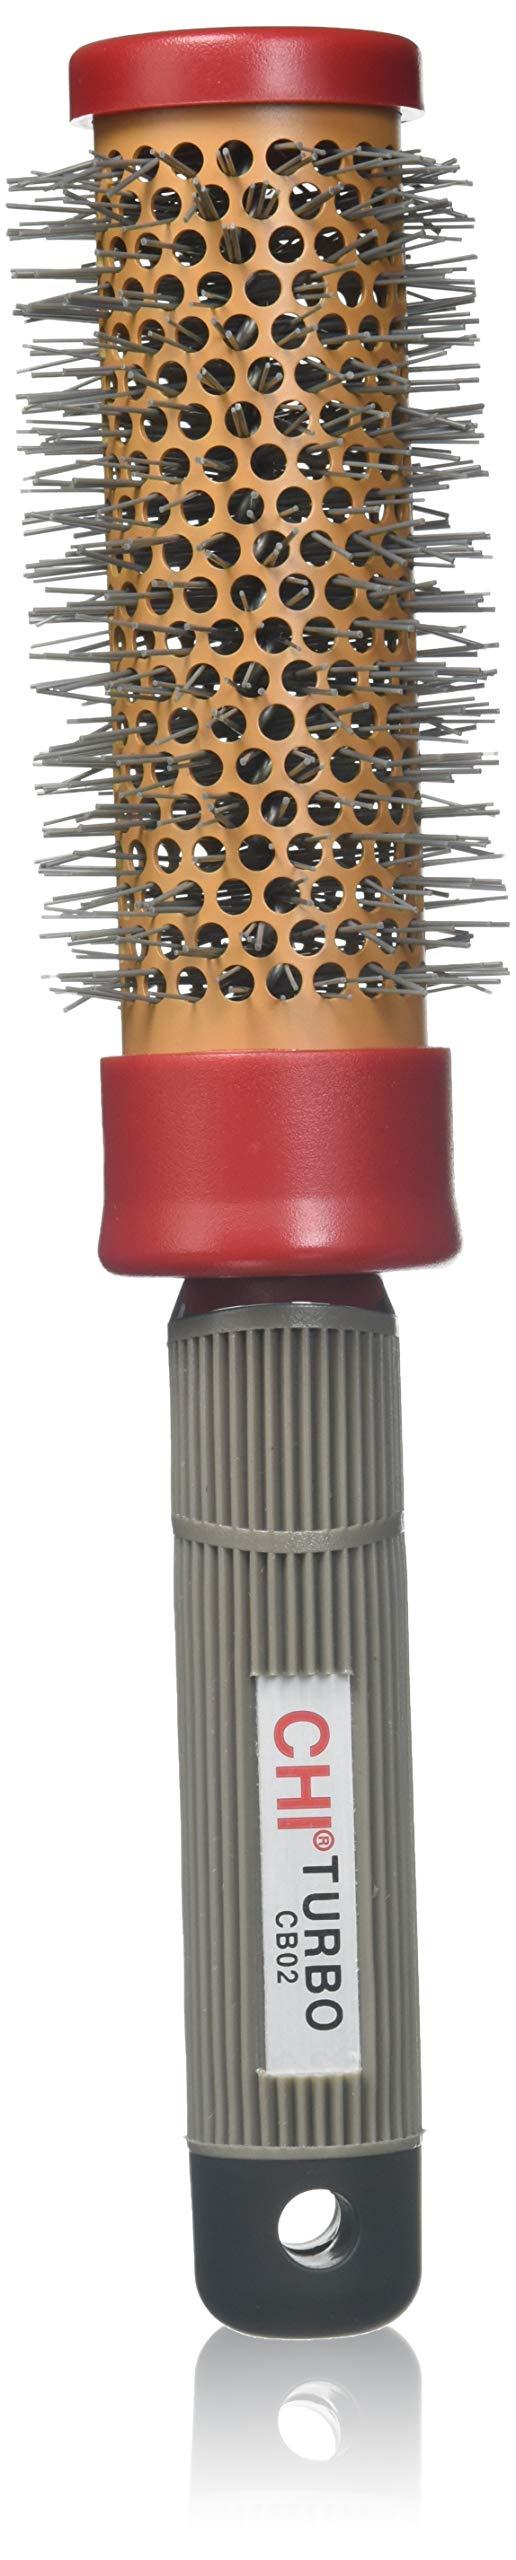 CHI Turbo Round Nylon Medium Brush - 71DsHx7RJSL - CHI Turbo Round Nylon Medium Brush